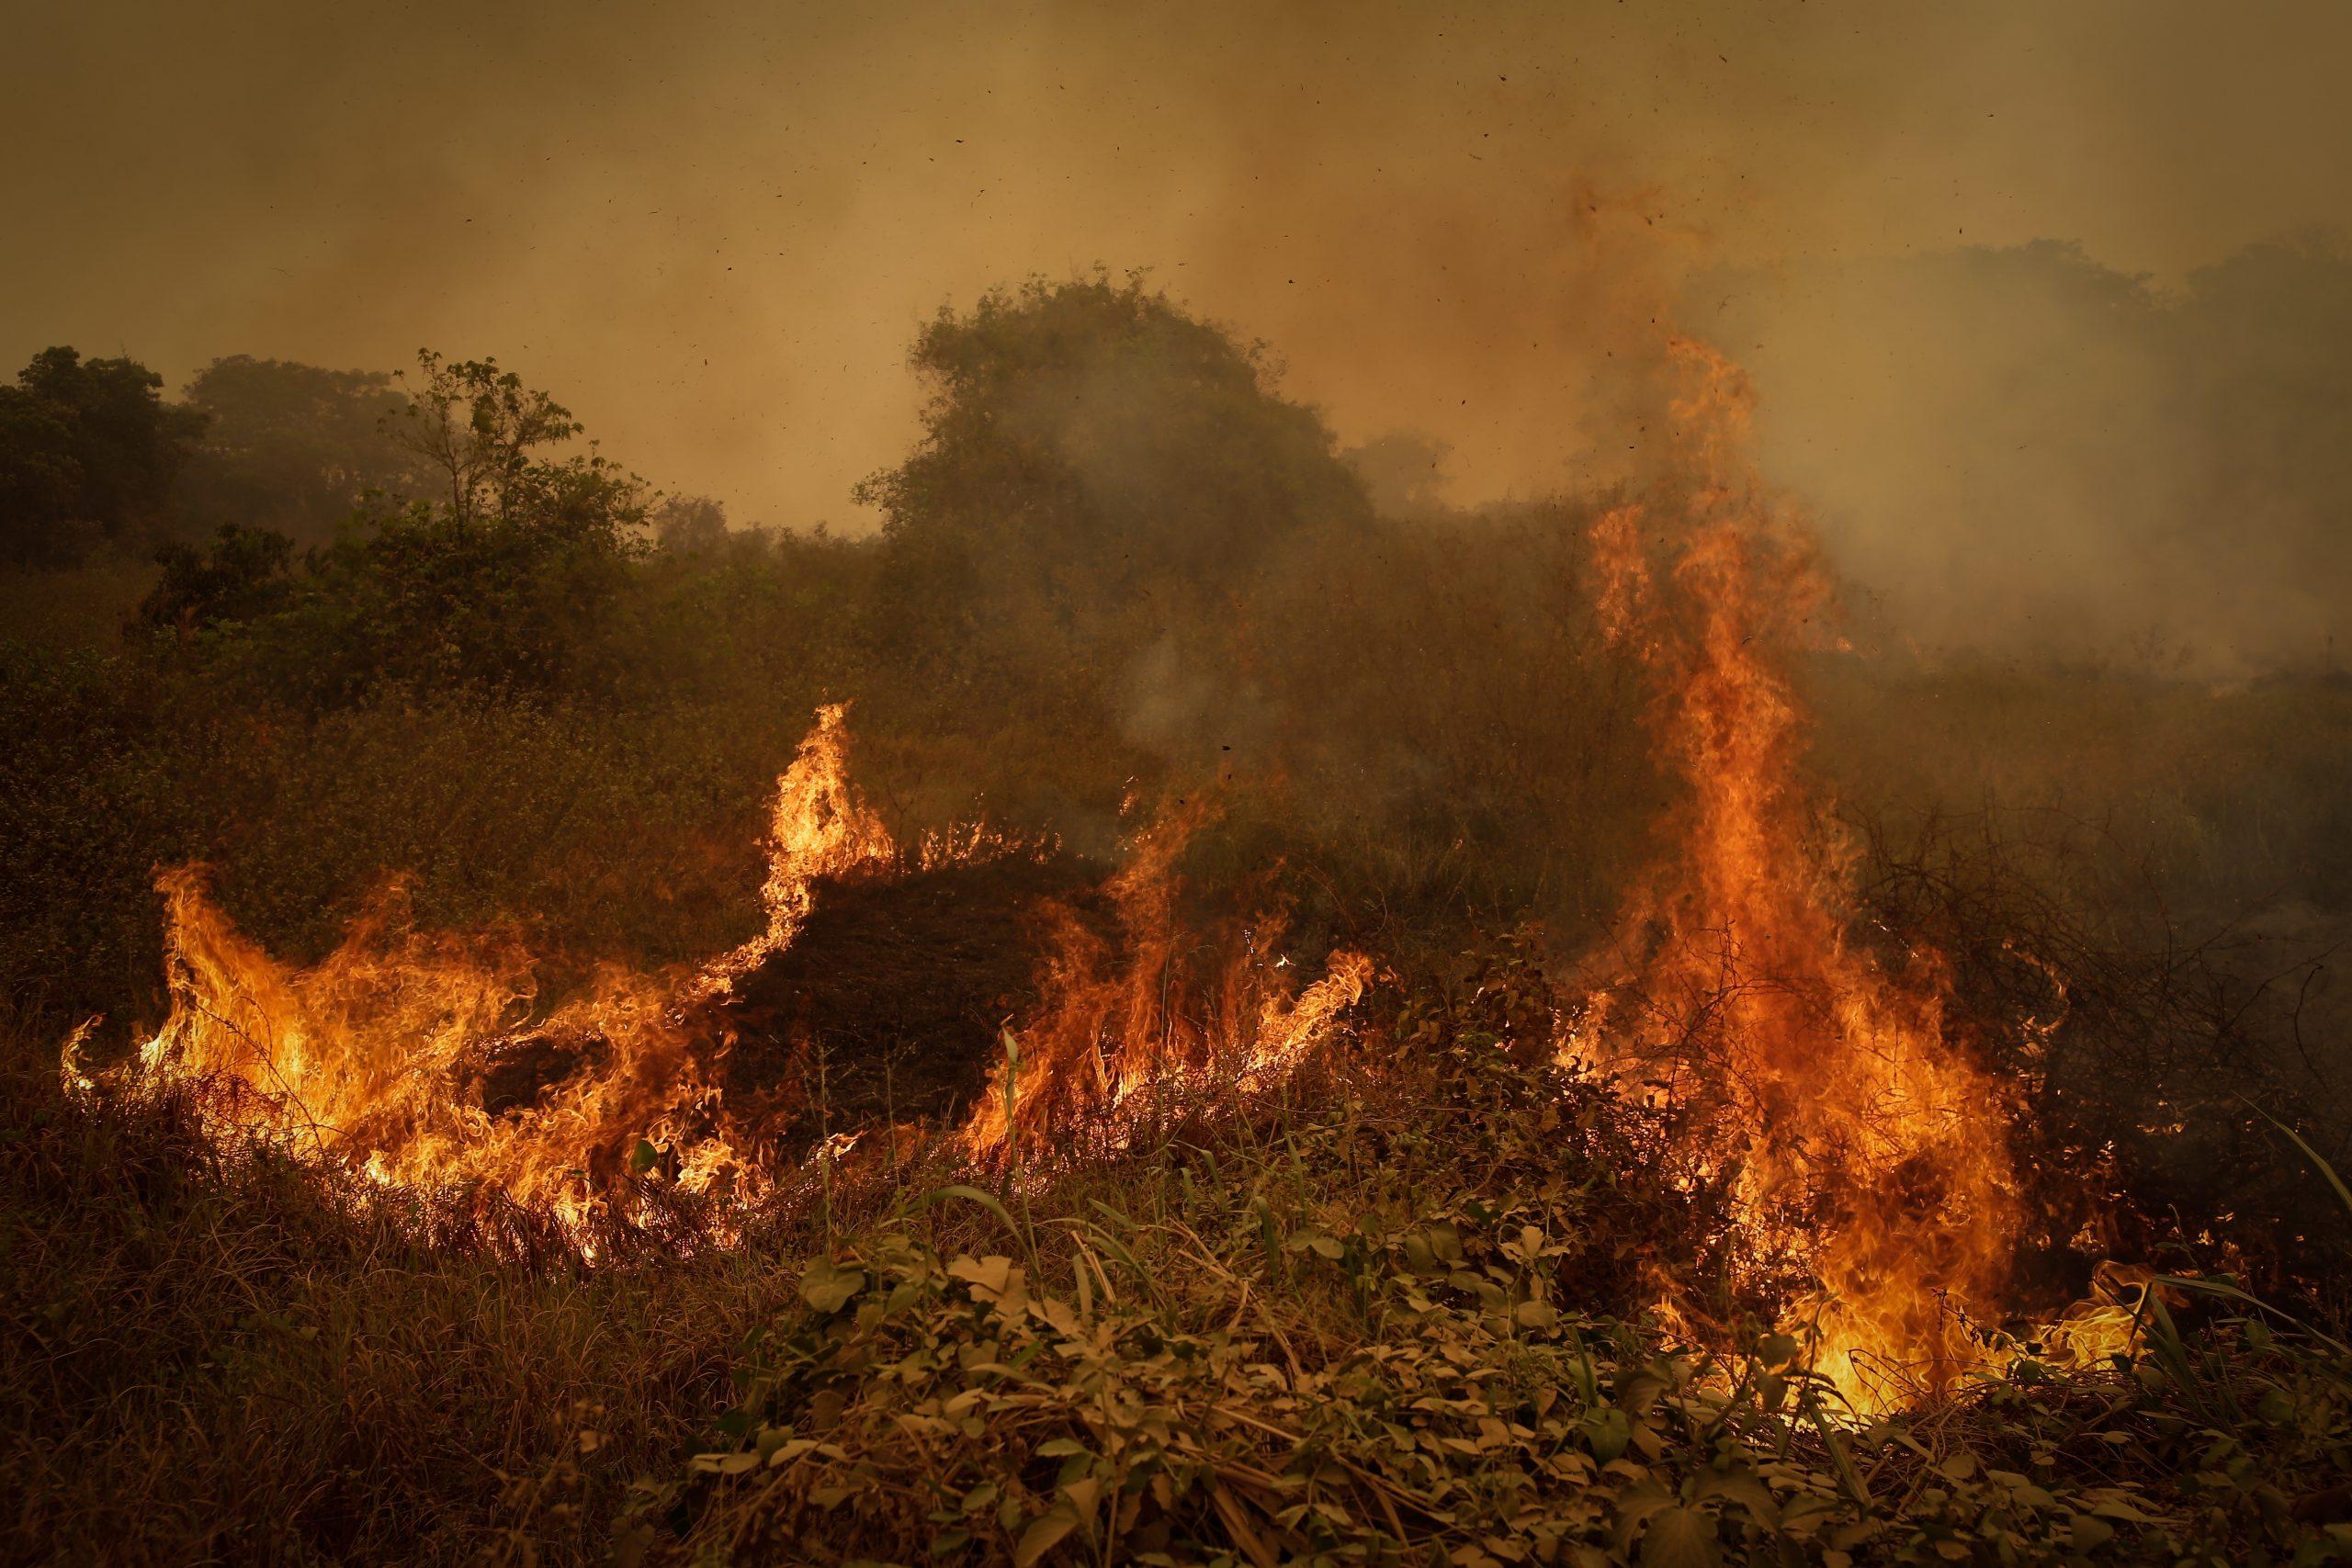 Fogo queima a vegetação do Pantanal, no Mato Grosso. Pela estrada até Poconé, primeiro município da região pantaneira a partir da capital mato-grossense, é possível ver a devastação do fogo que consome a vegetação nativa desde julho. Foto: Dida Sampaio/Estadão Conteúdo